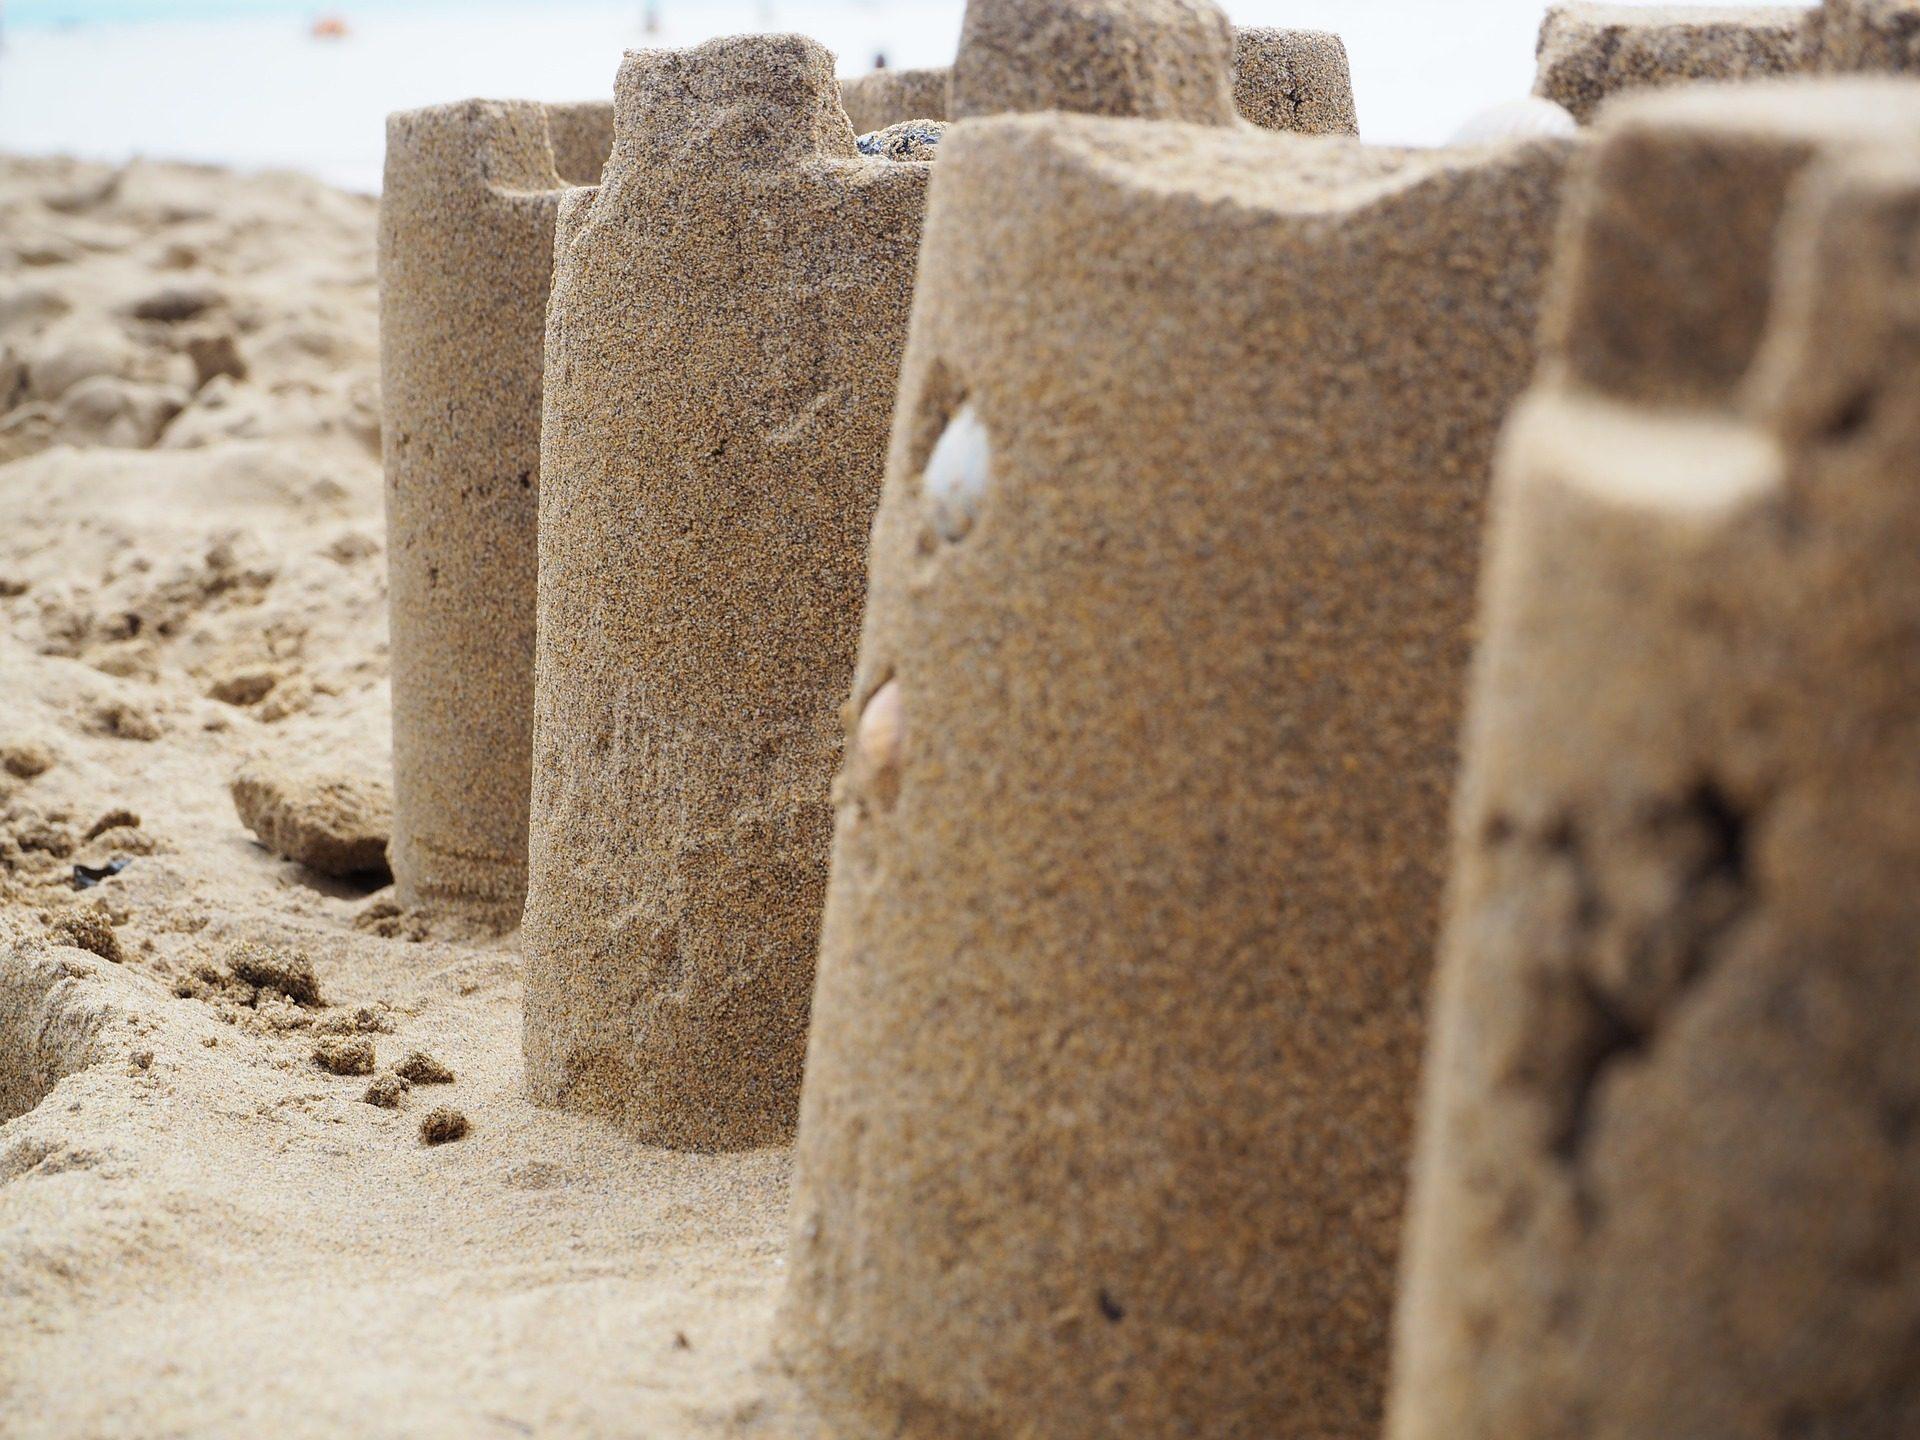 Castello, sabbia, Spiaggia, gioco, Mare - Sfondi HD - Professor-falken.com